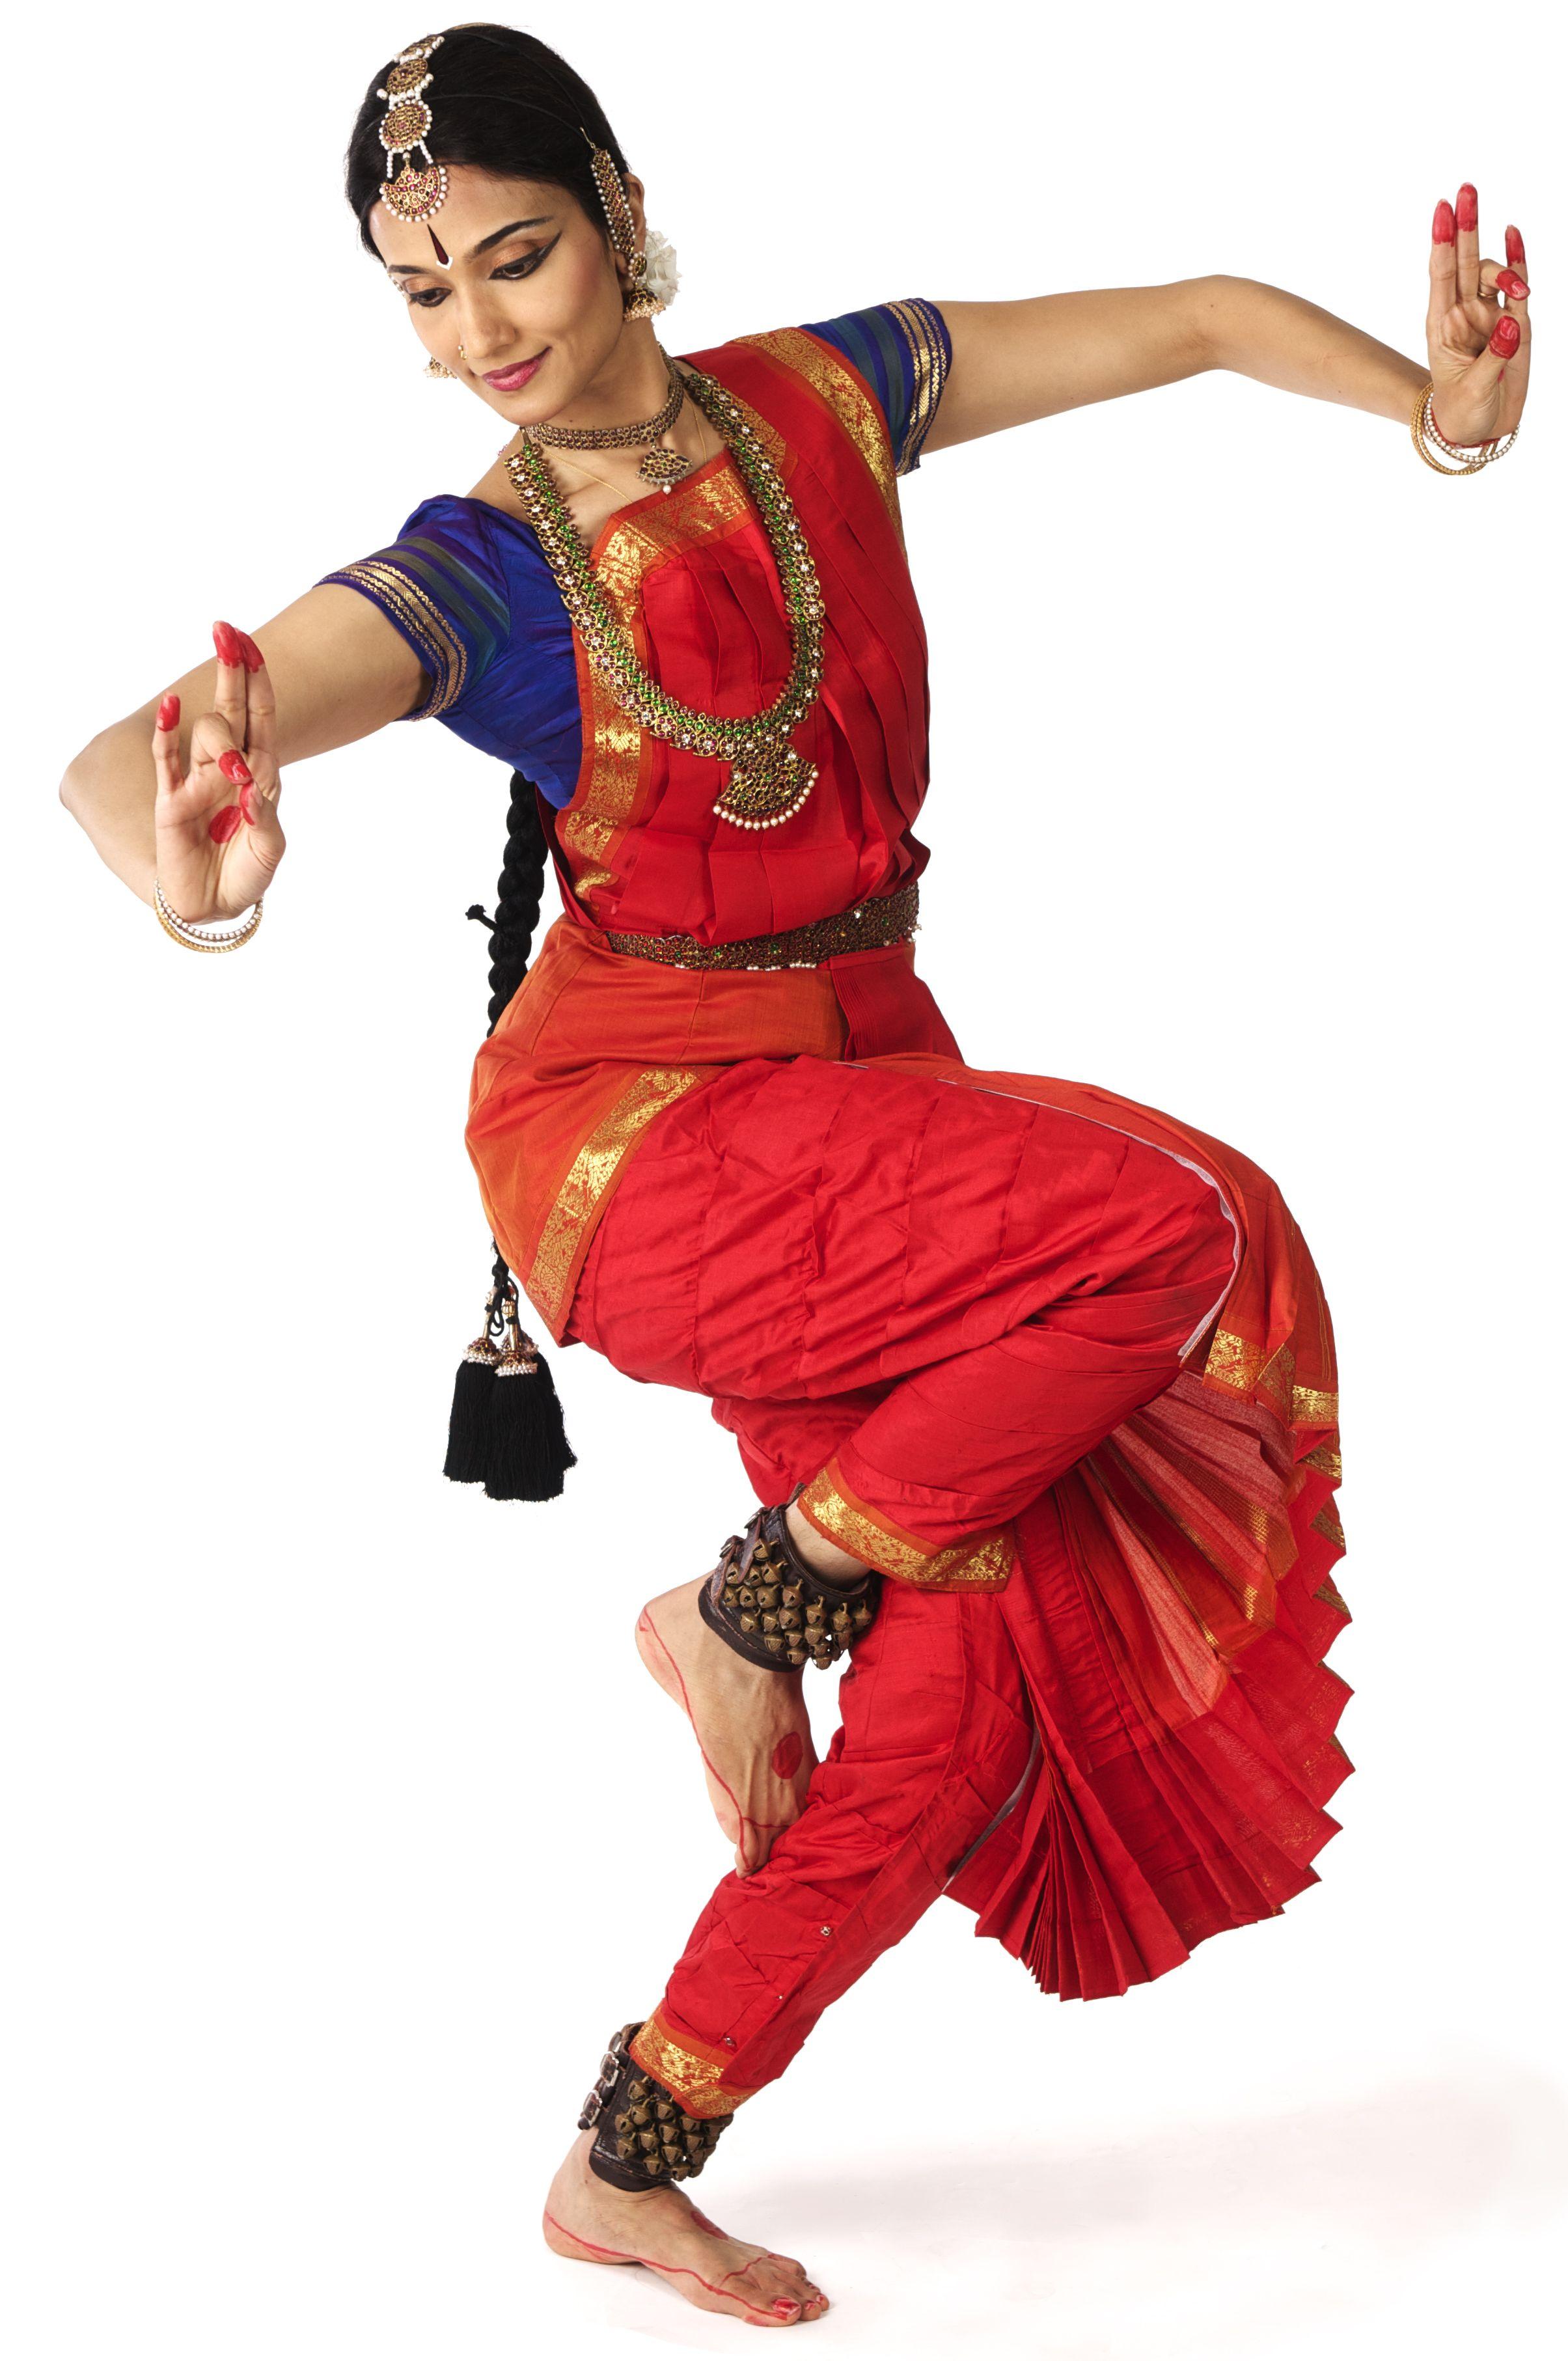 dance idol, Savitha Sastry Dance Pinterest Dancing